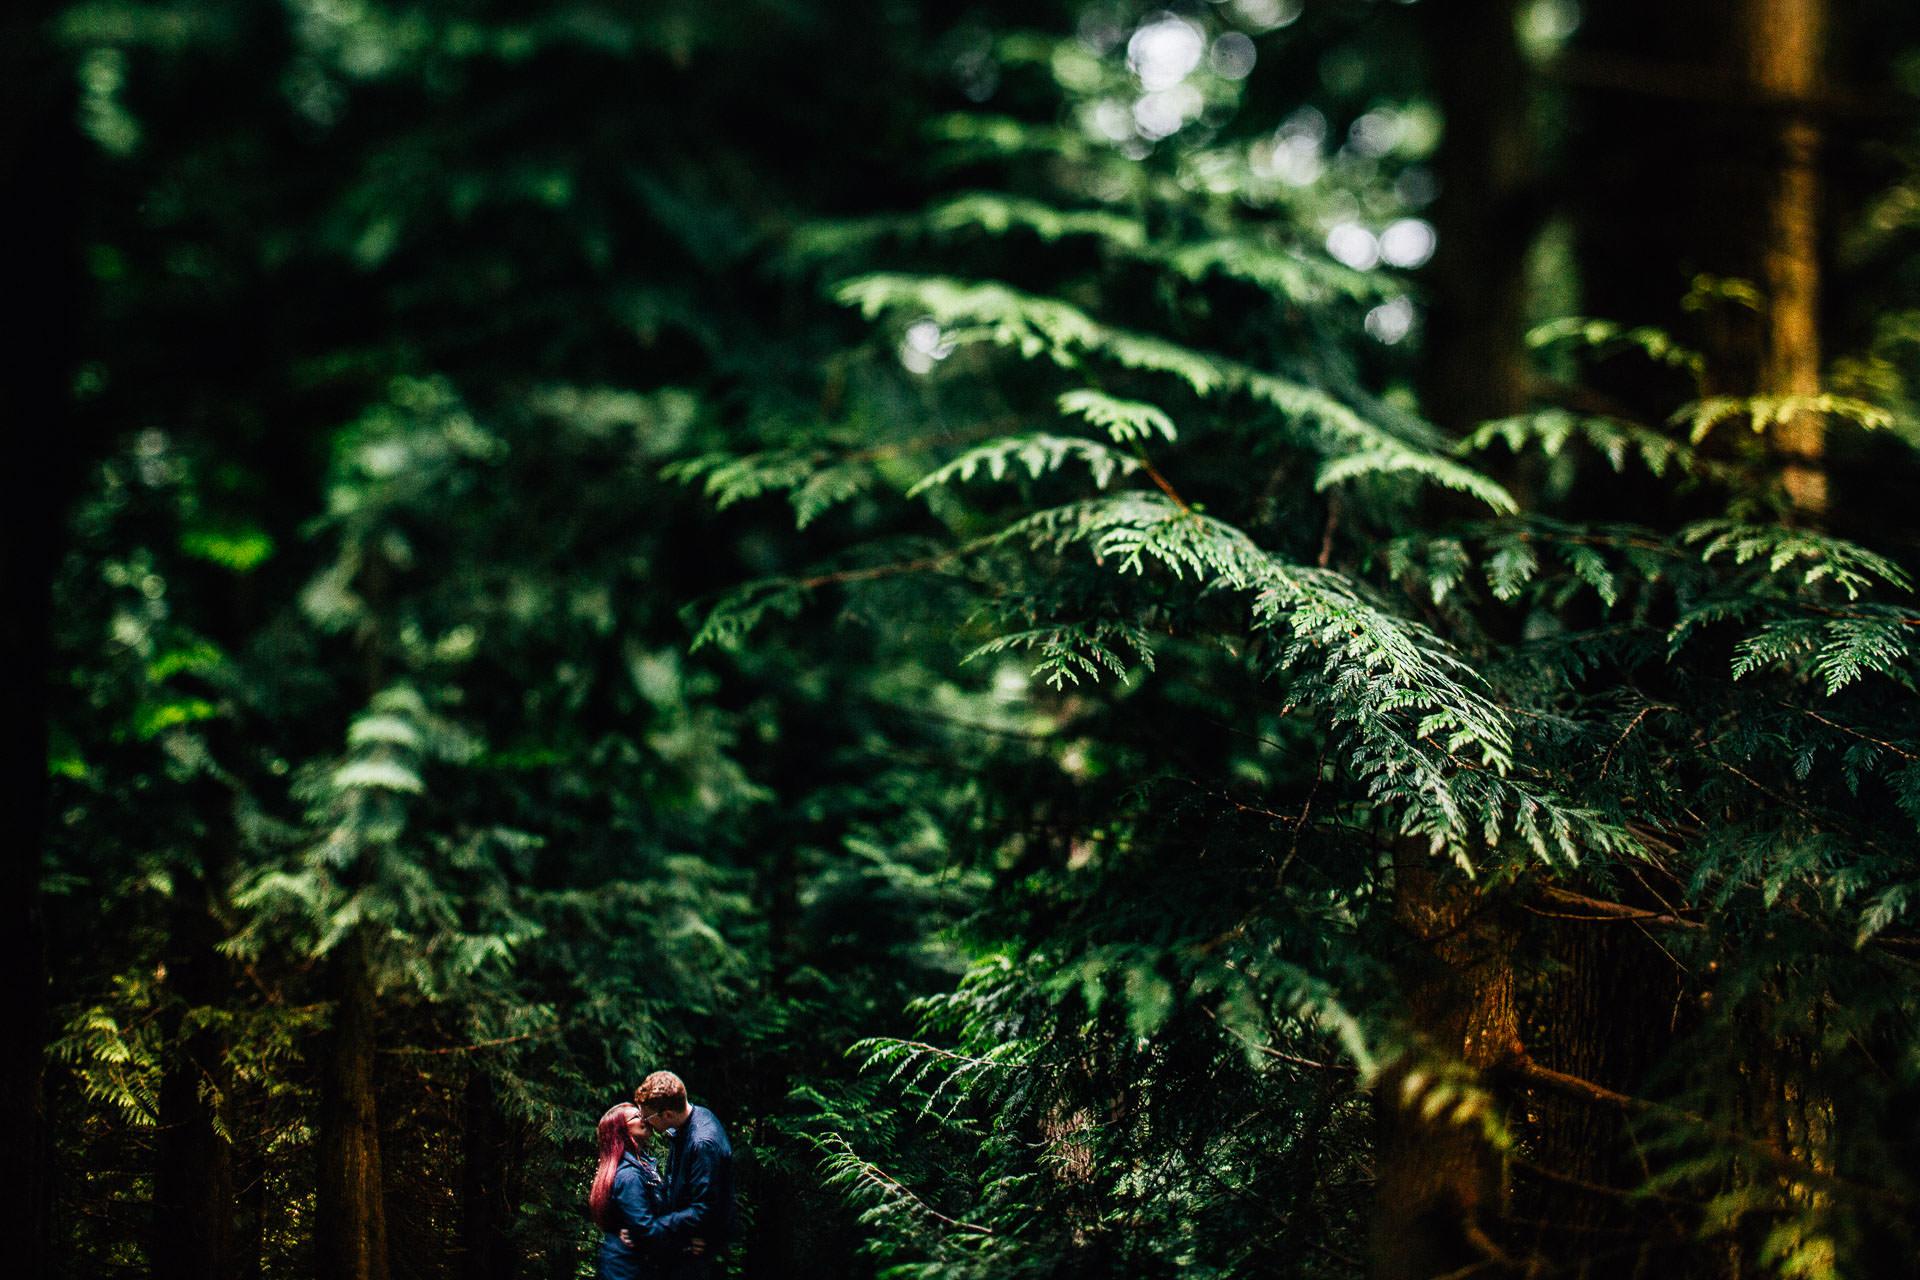 Whinlatter Pre Wedding Shoot Lake District - N&P - tilt shift TSE shot of couple in the trees